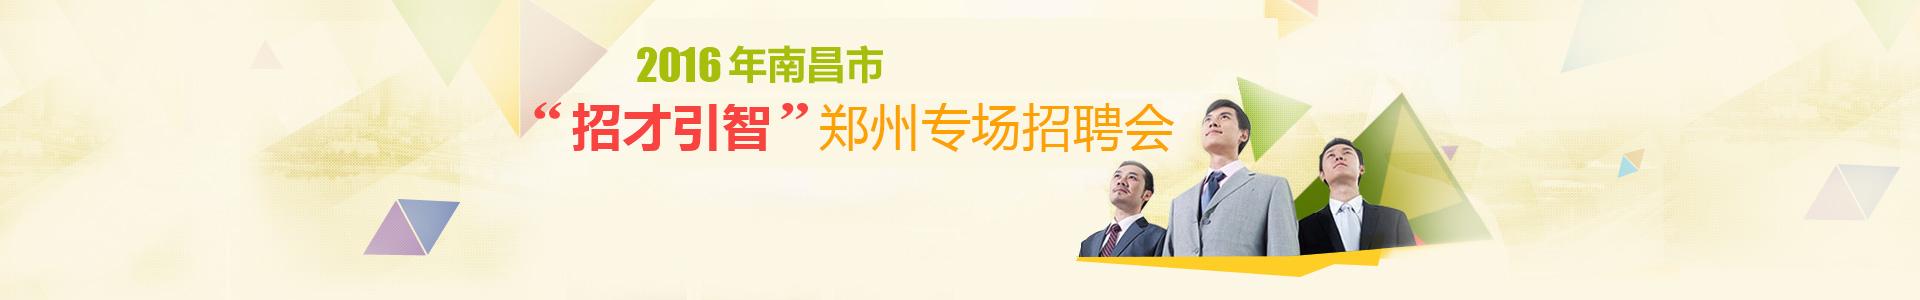 """2016年南昌市""""招才引智""""郑州专场招聘会"""